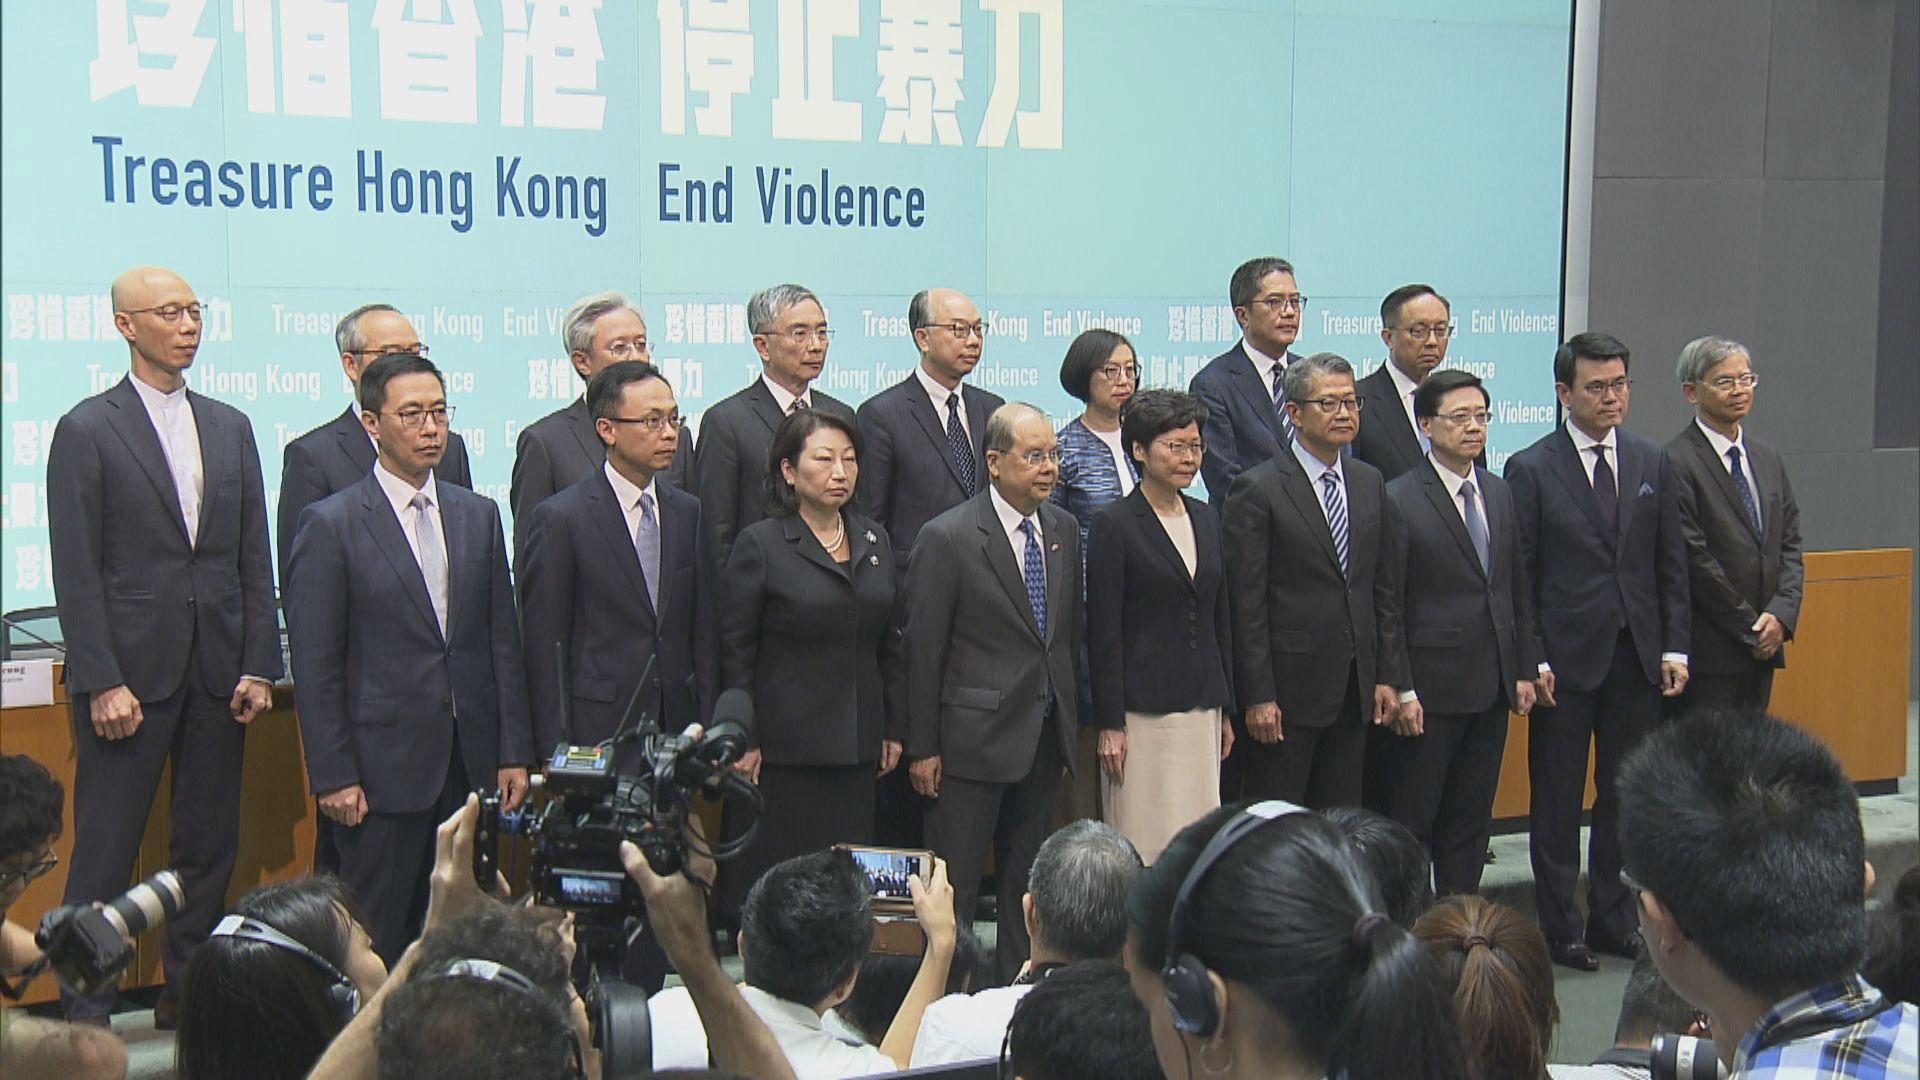 【即日焦點】林鄭:訂立禁蒙面法是必須 李家超:警可蒙面執法保安全;馬哈蒂爾指北京會嚴厲對付香港示威